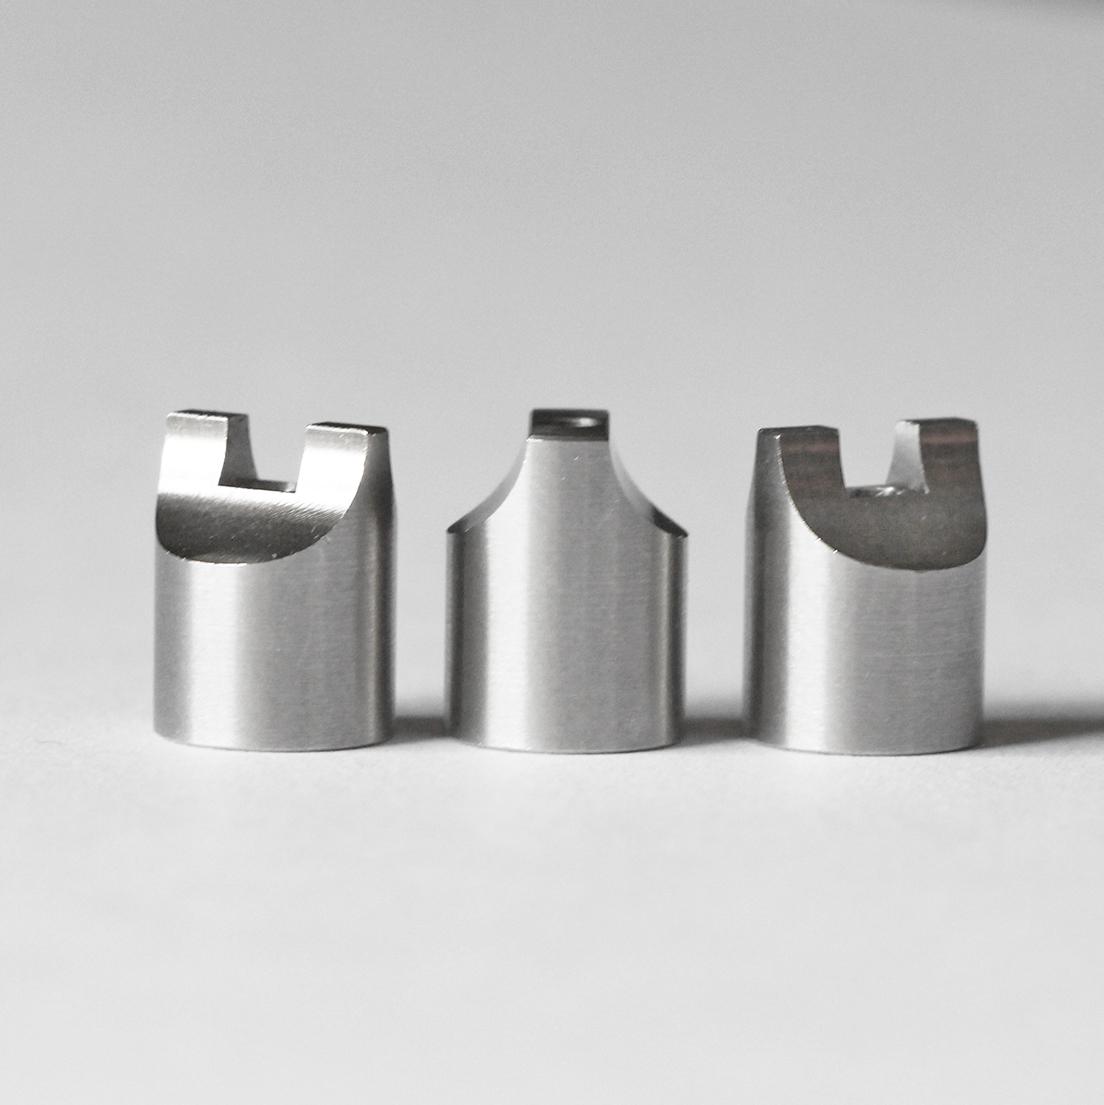 High Precision Customize Medical Metal Pins